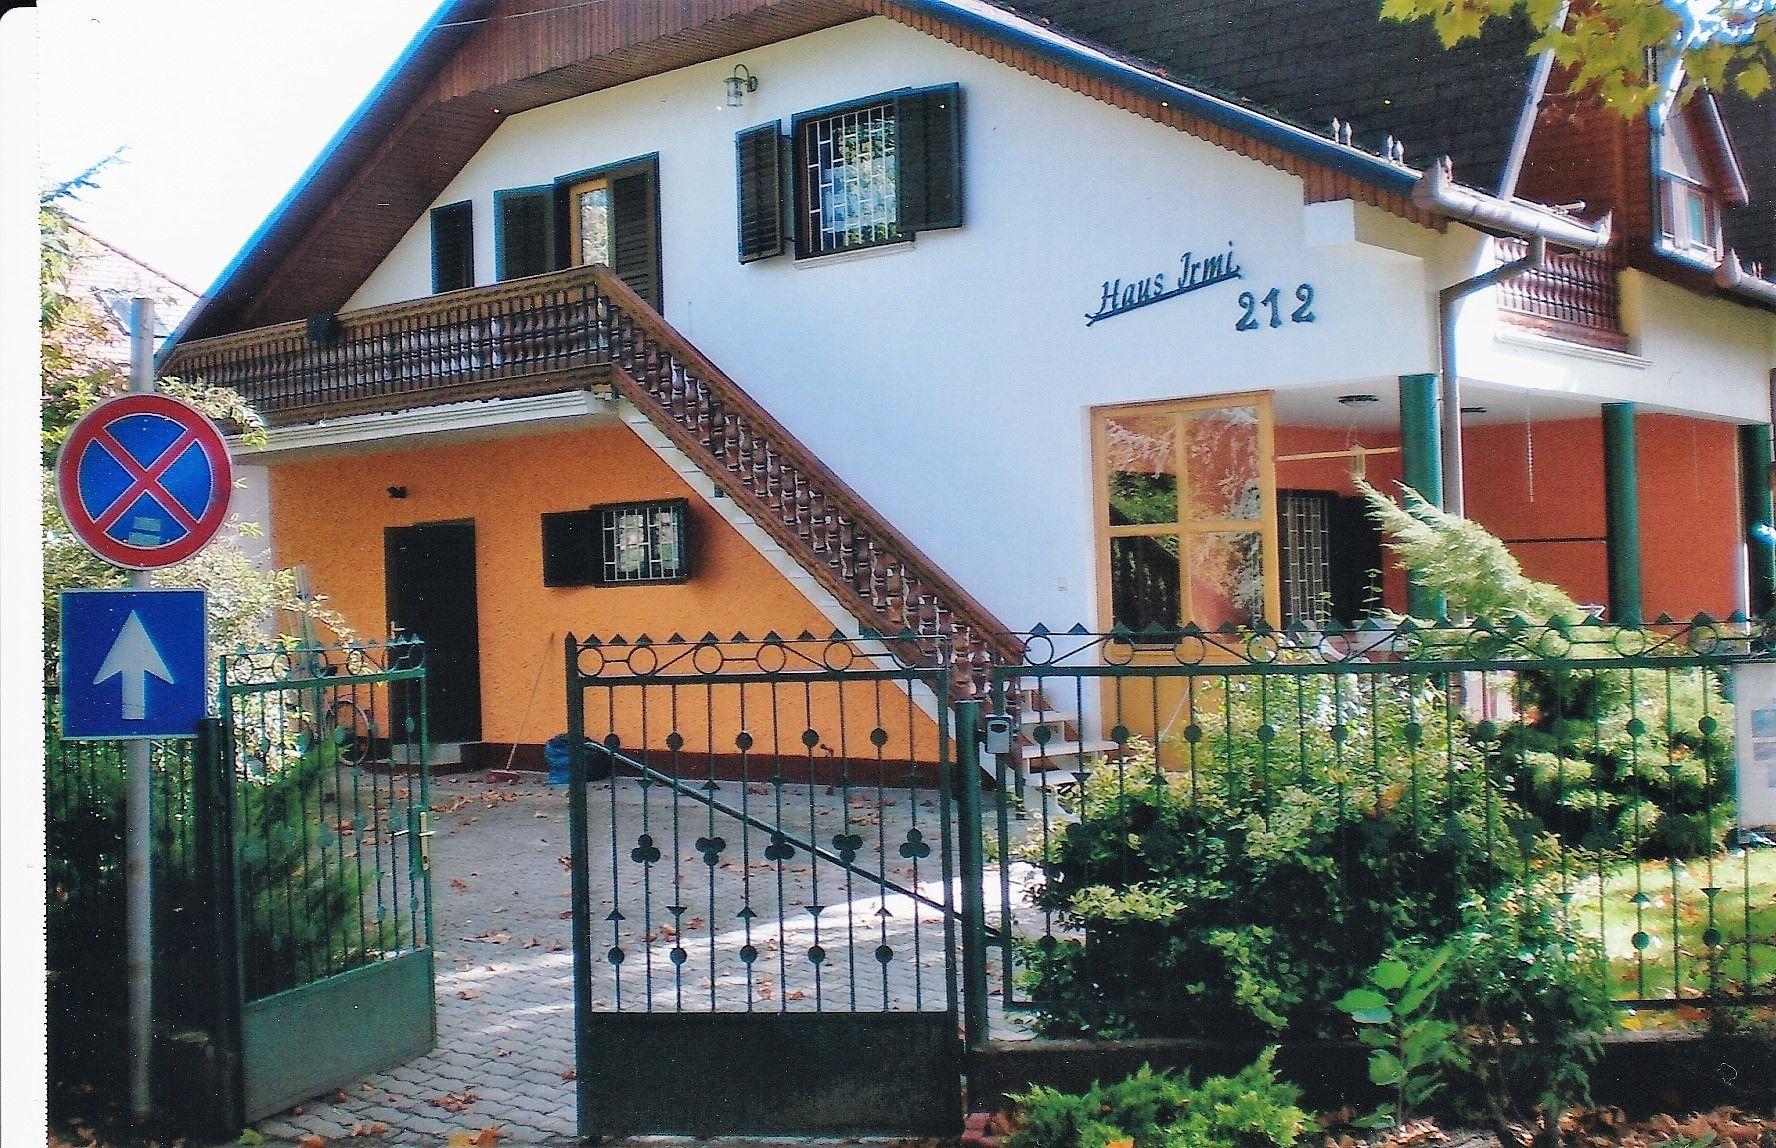 Haus Jrmi mit Toreinfahrt